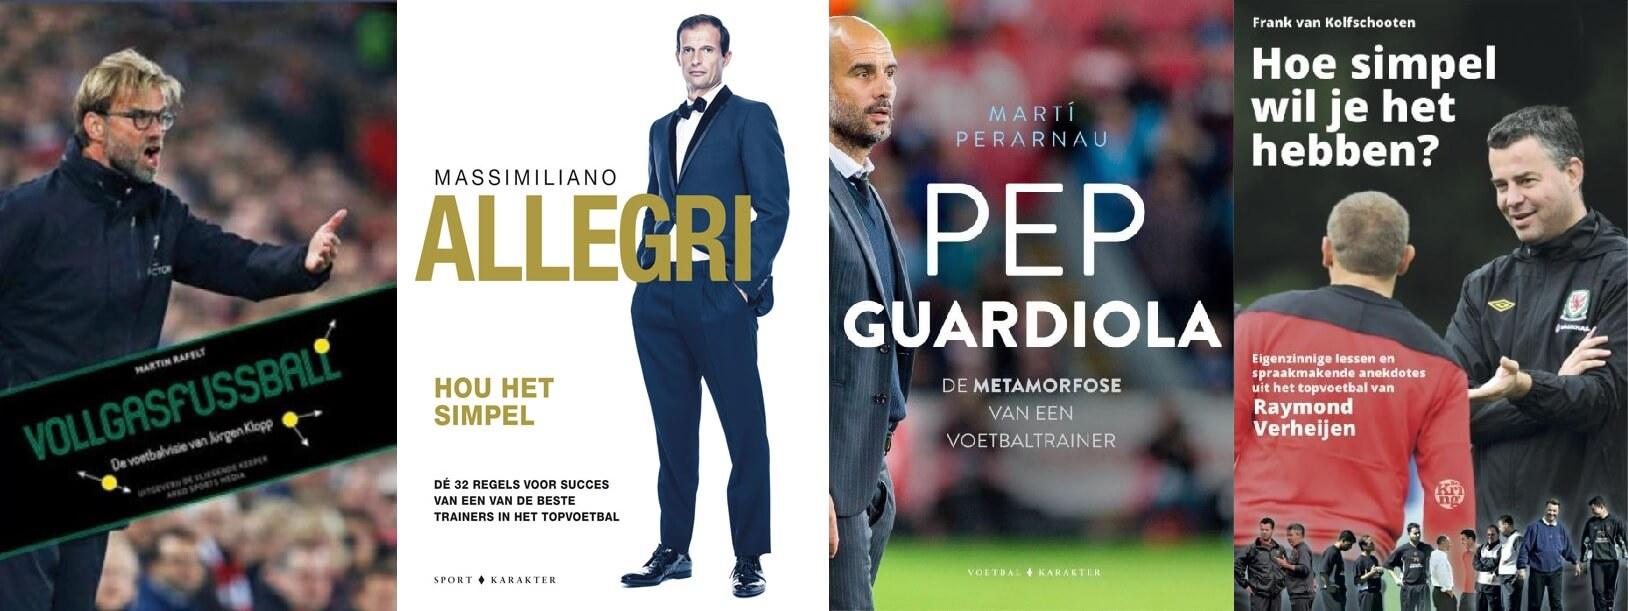 Leesvoer voor voetbaltrainers: verbreed je kennis met deze boeken -  Voetbal247.nl